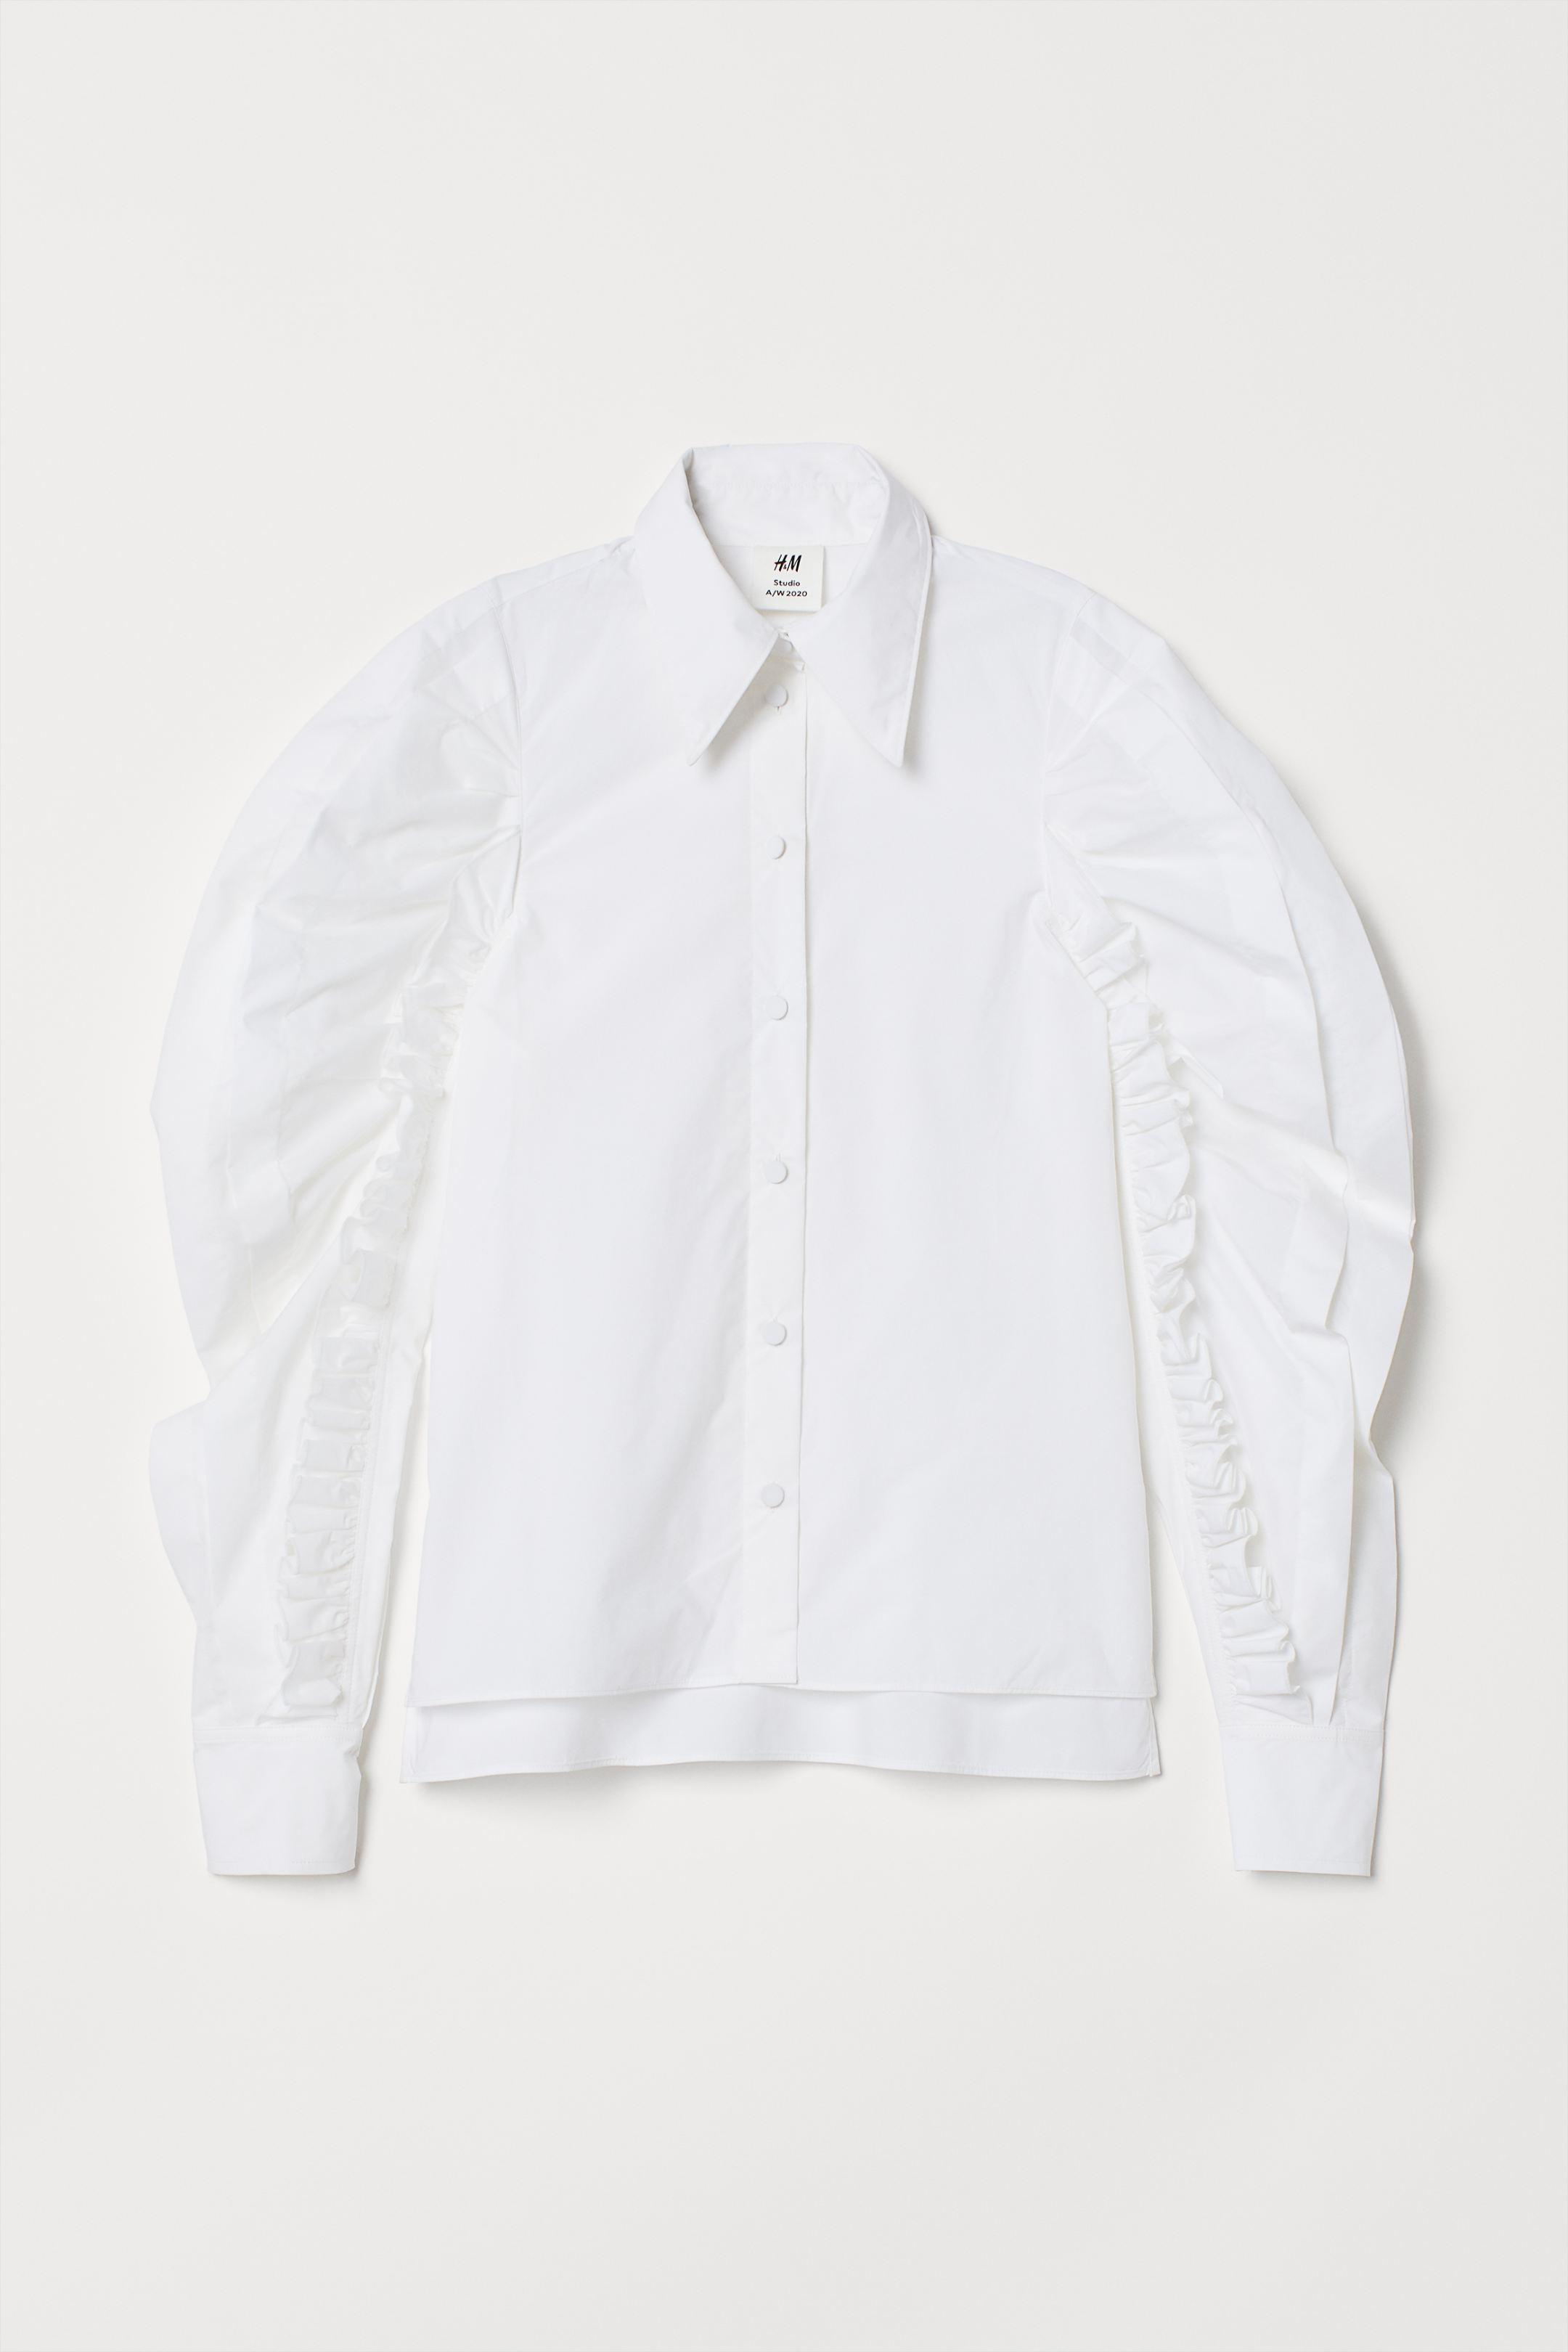 Skjorter hvite1